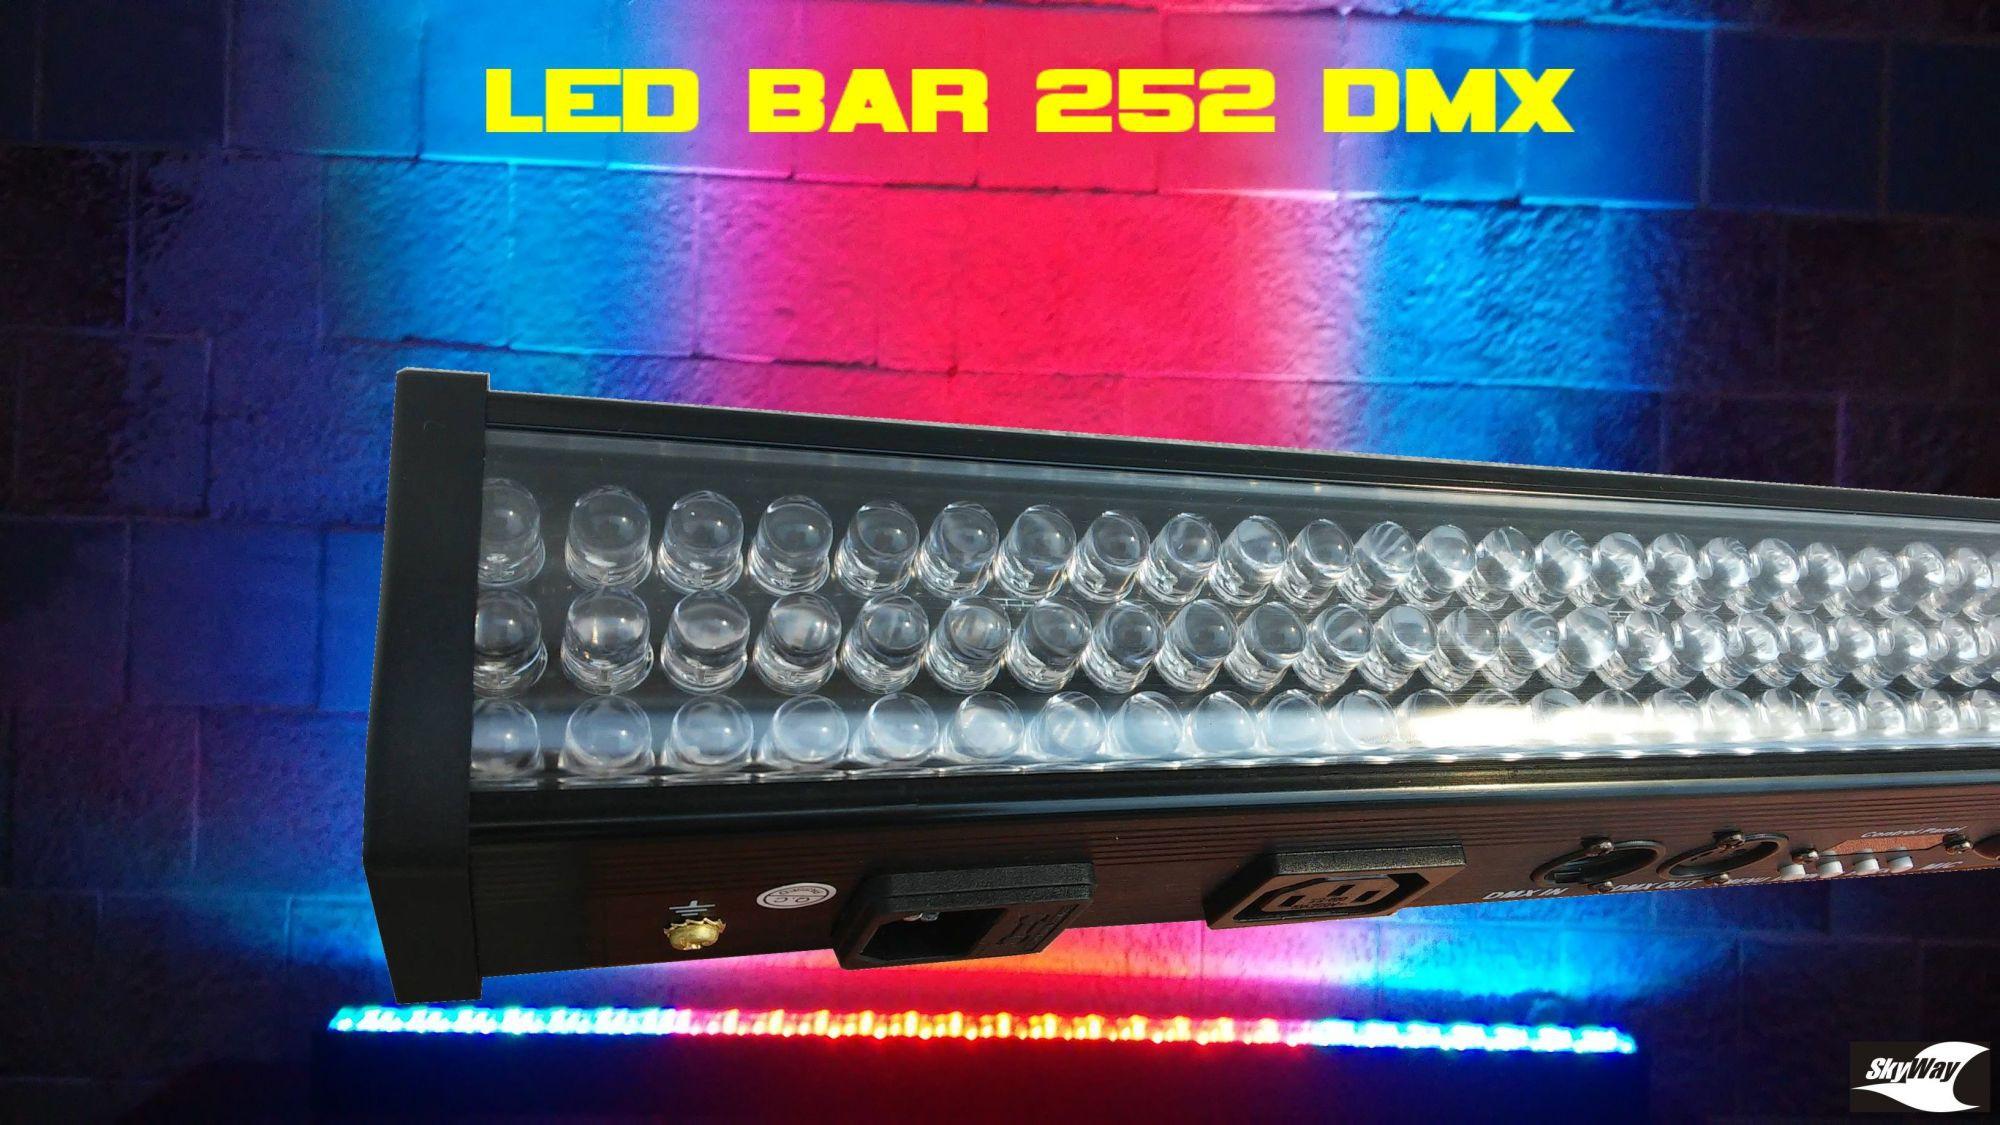 LED BAR 252